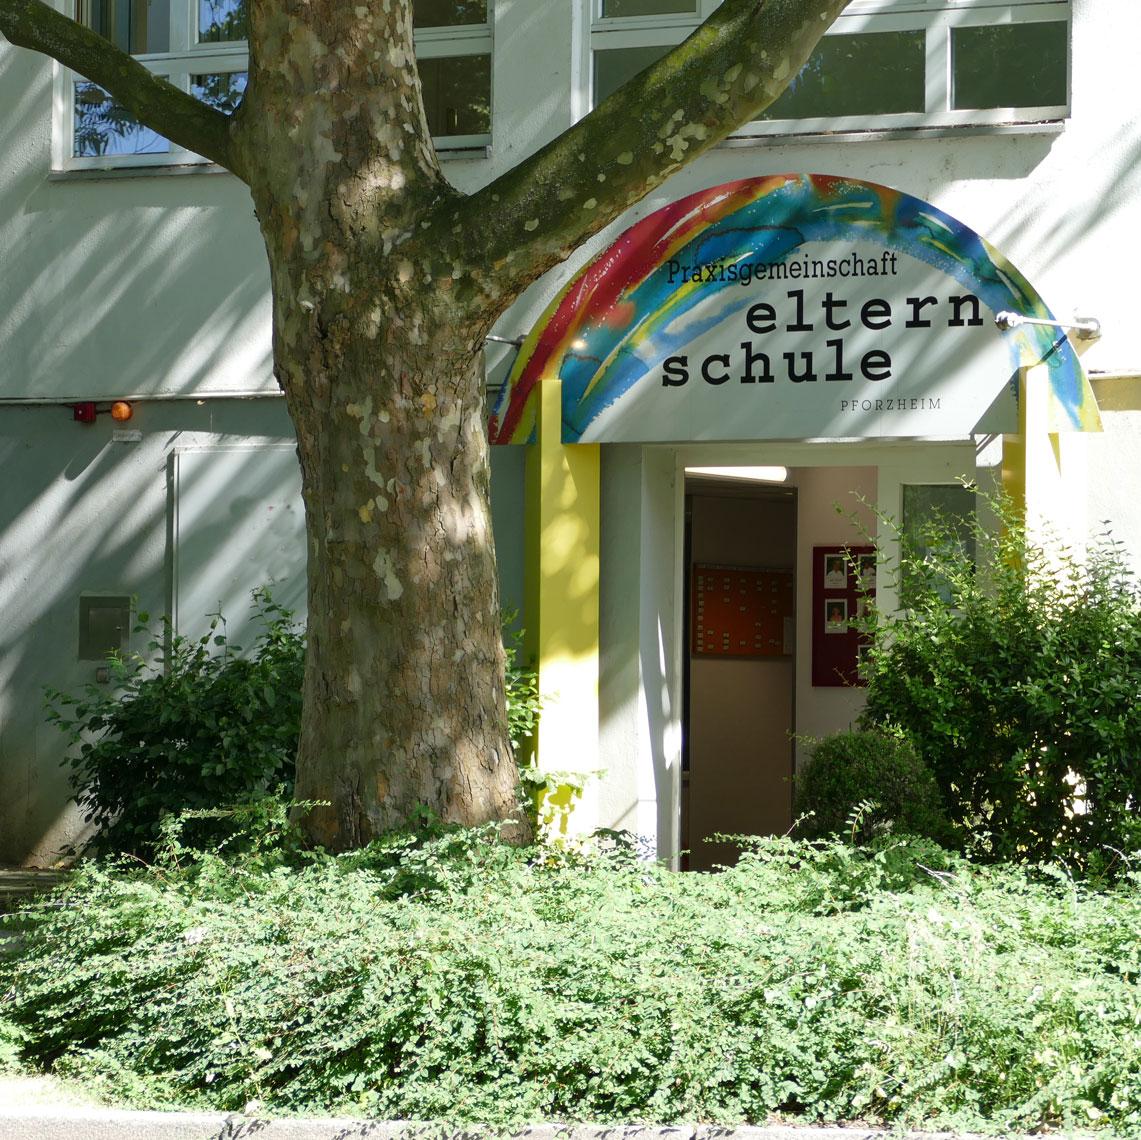 Das Bild zeigt den Eingang der Praxisgemeinschaft Elternschule Pforzheim